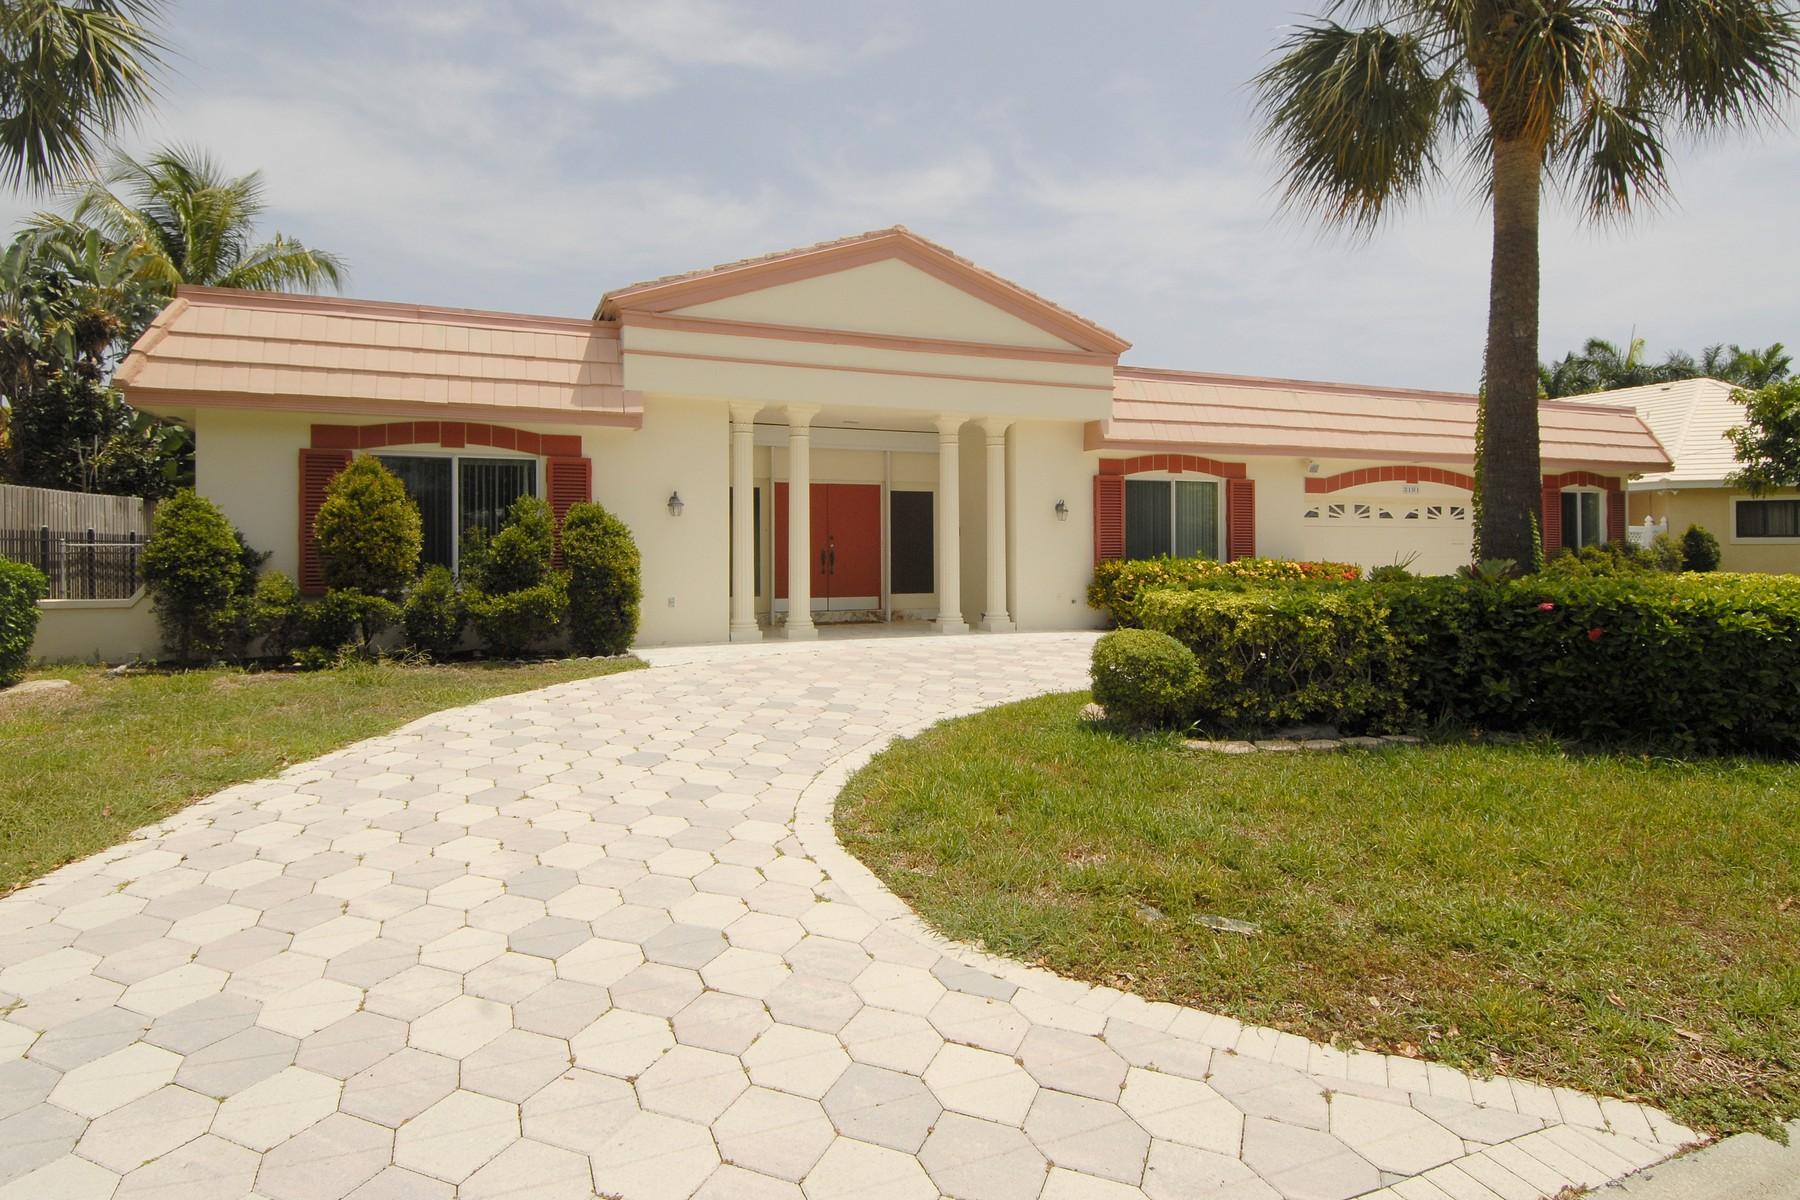 Casa para uma família para Venda às 3101 NE 56 CT Fort Lauderdale, Florida 33308 Estados Unidos